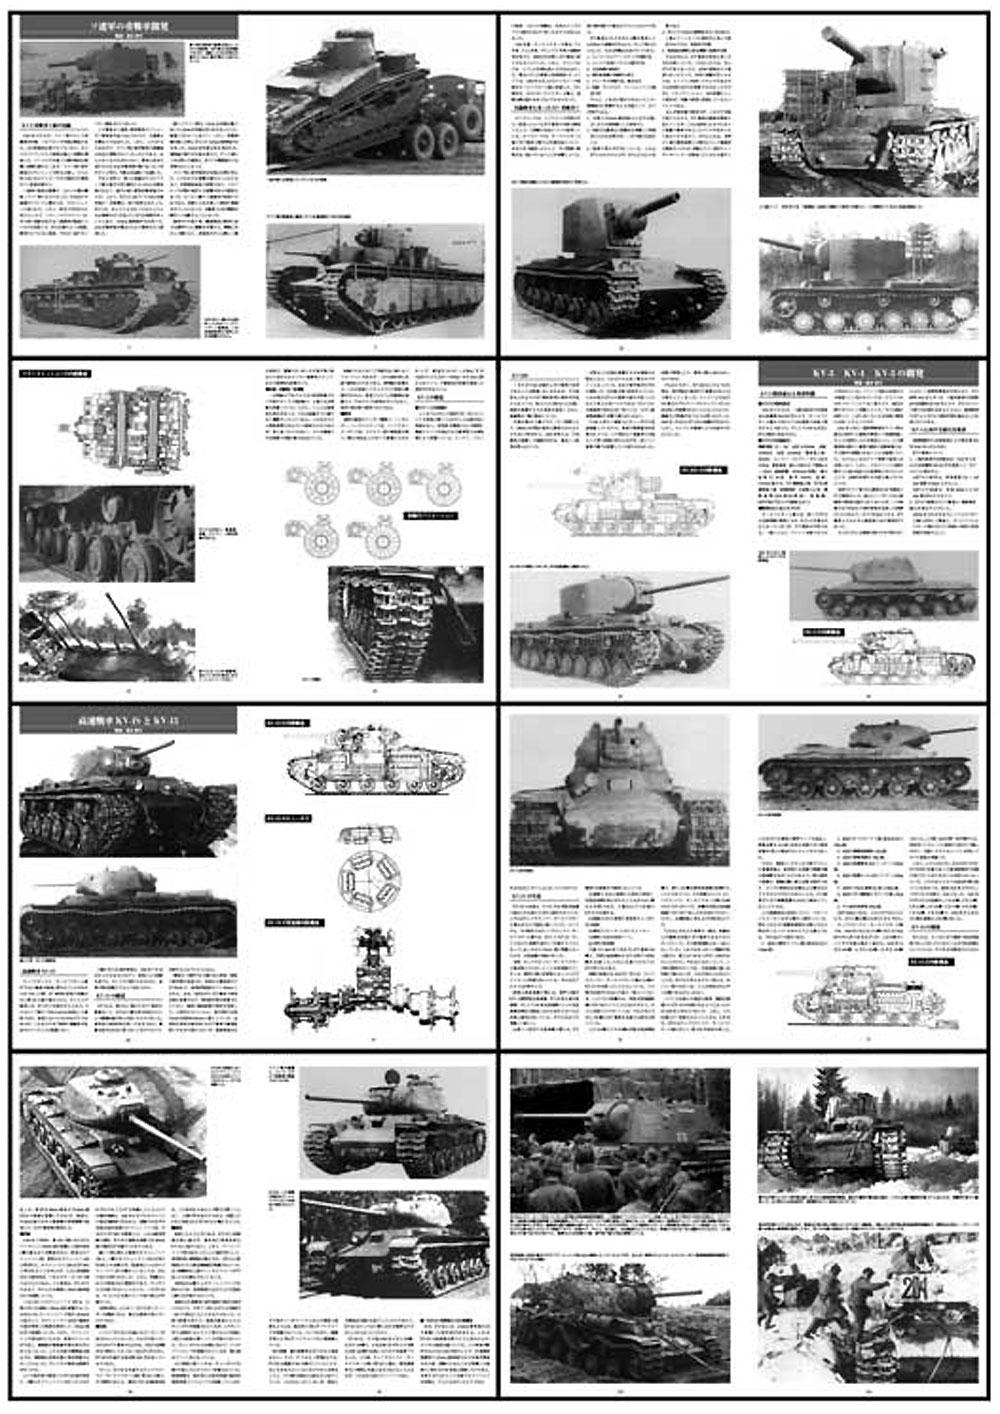 ソ連軍 KV重戦車別冊(ガリレオ出版グランドパワー別冊No.L-09/26)商品画像_1